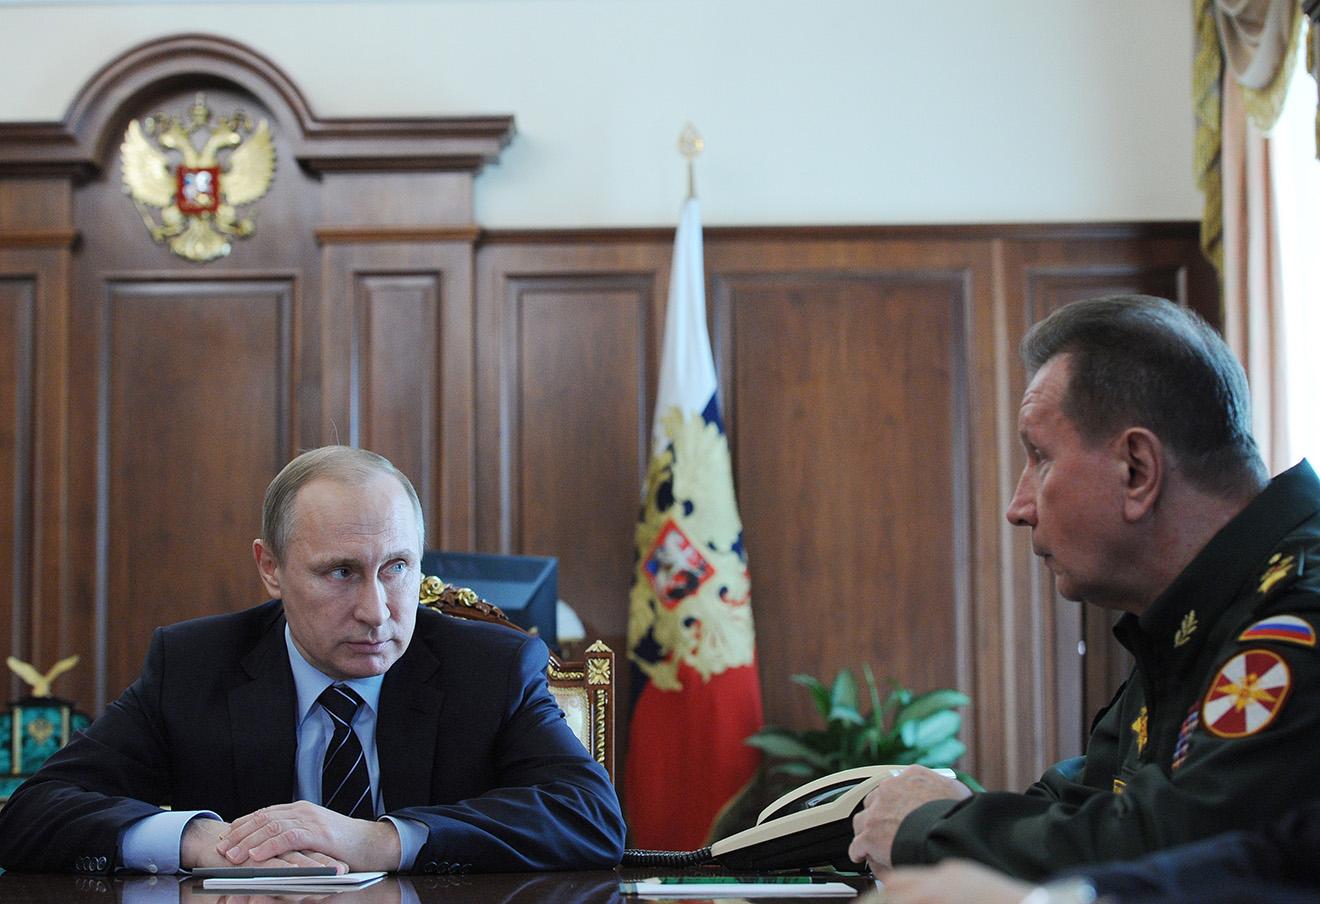 Владимир Путин и главнокомандующий внутренними войсками МВД Виктор Золотов во время совещания в Кремле.